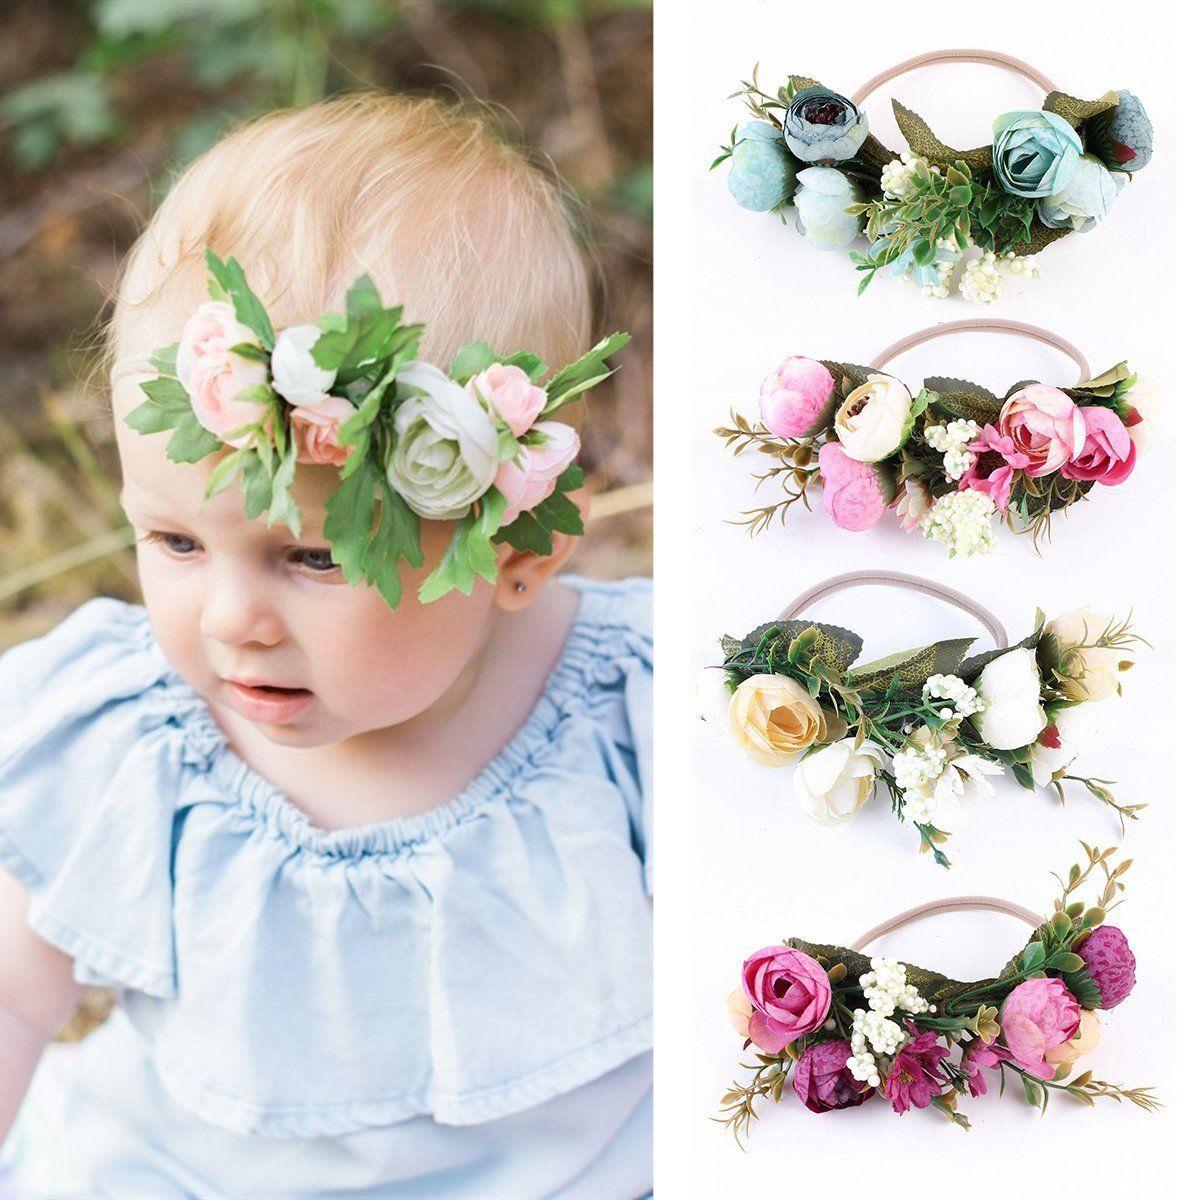 Fashion Kids Toddler Cute Leaf Flower Headband Elastic Hair Band Baby Headwear